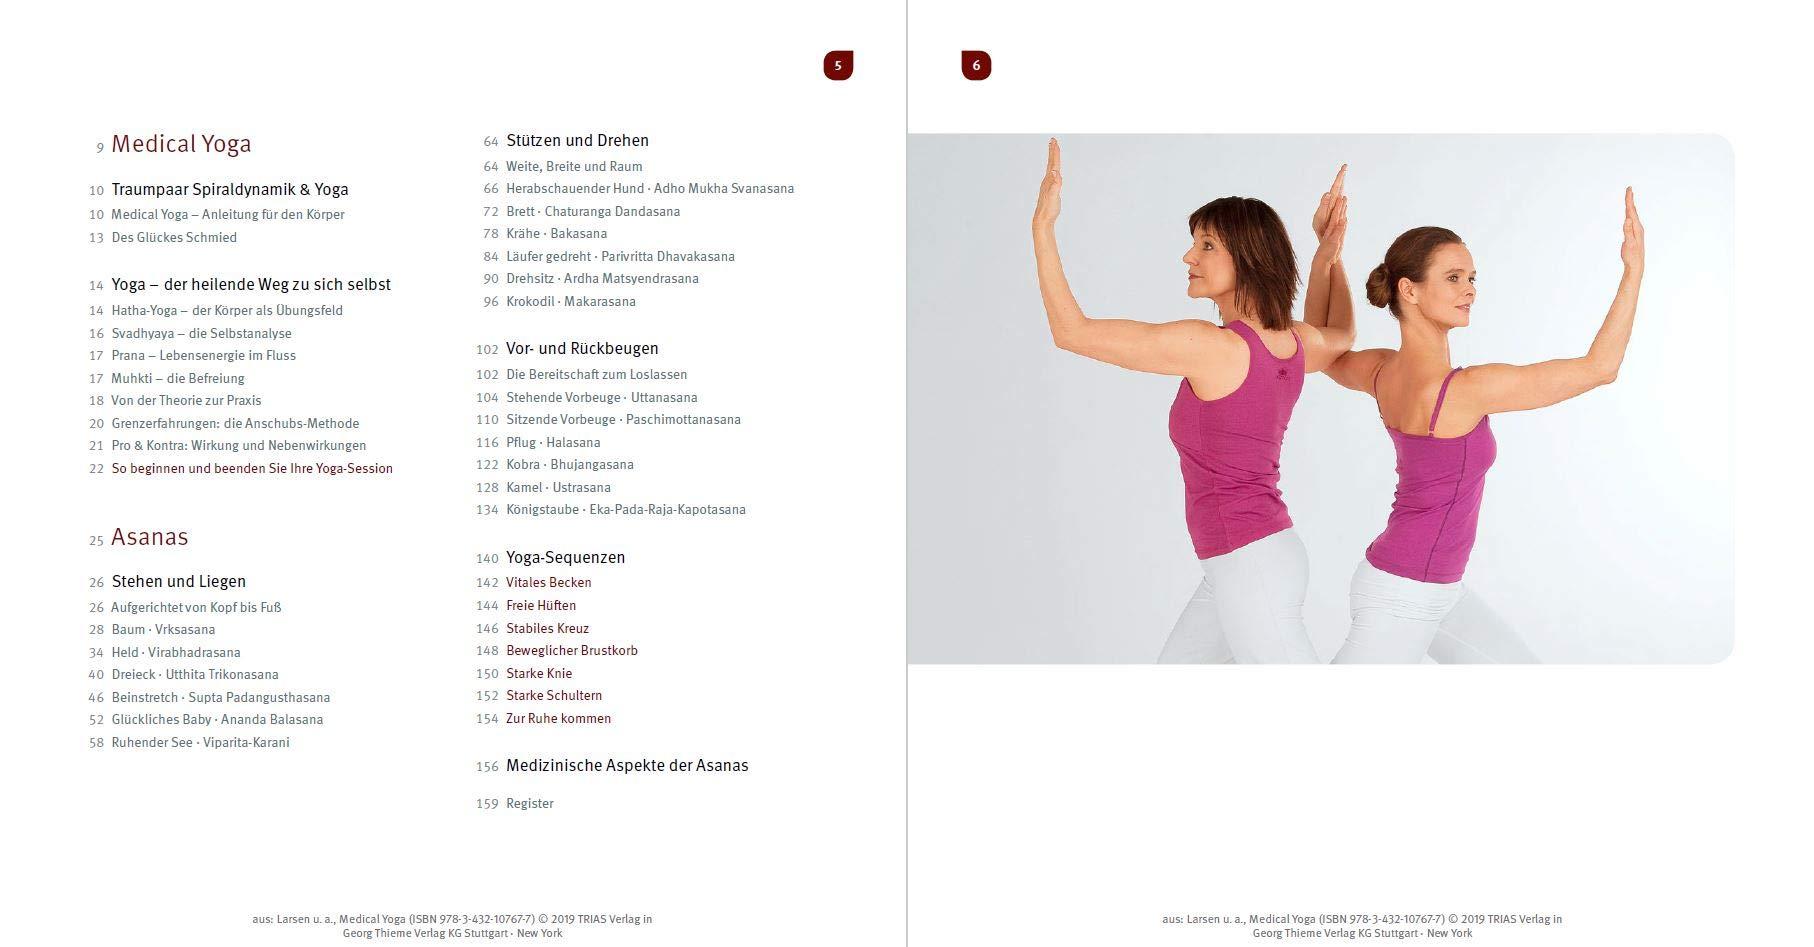 Medical Yoga Anatomisch Richtig Uben Yoga Bei Bewegungsproblemen Larsen Christian Wolff Christiane Hager Forstenlechner Eva 9783432107677 Amazon Com Books